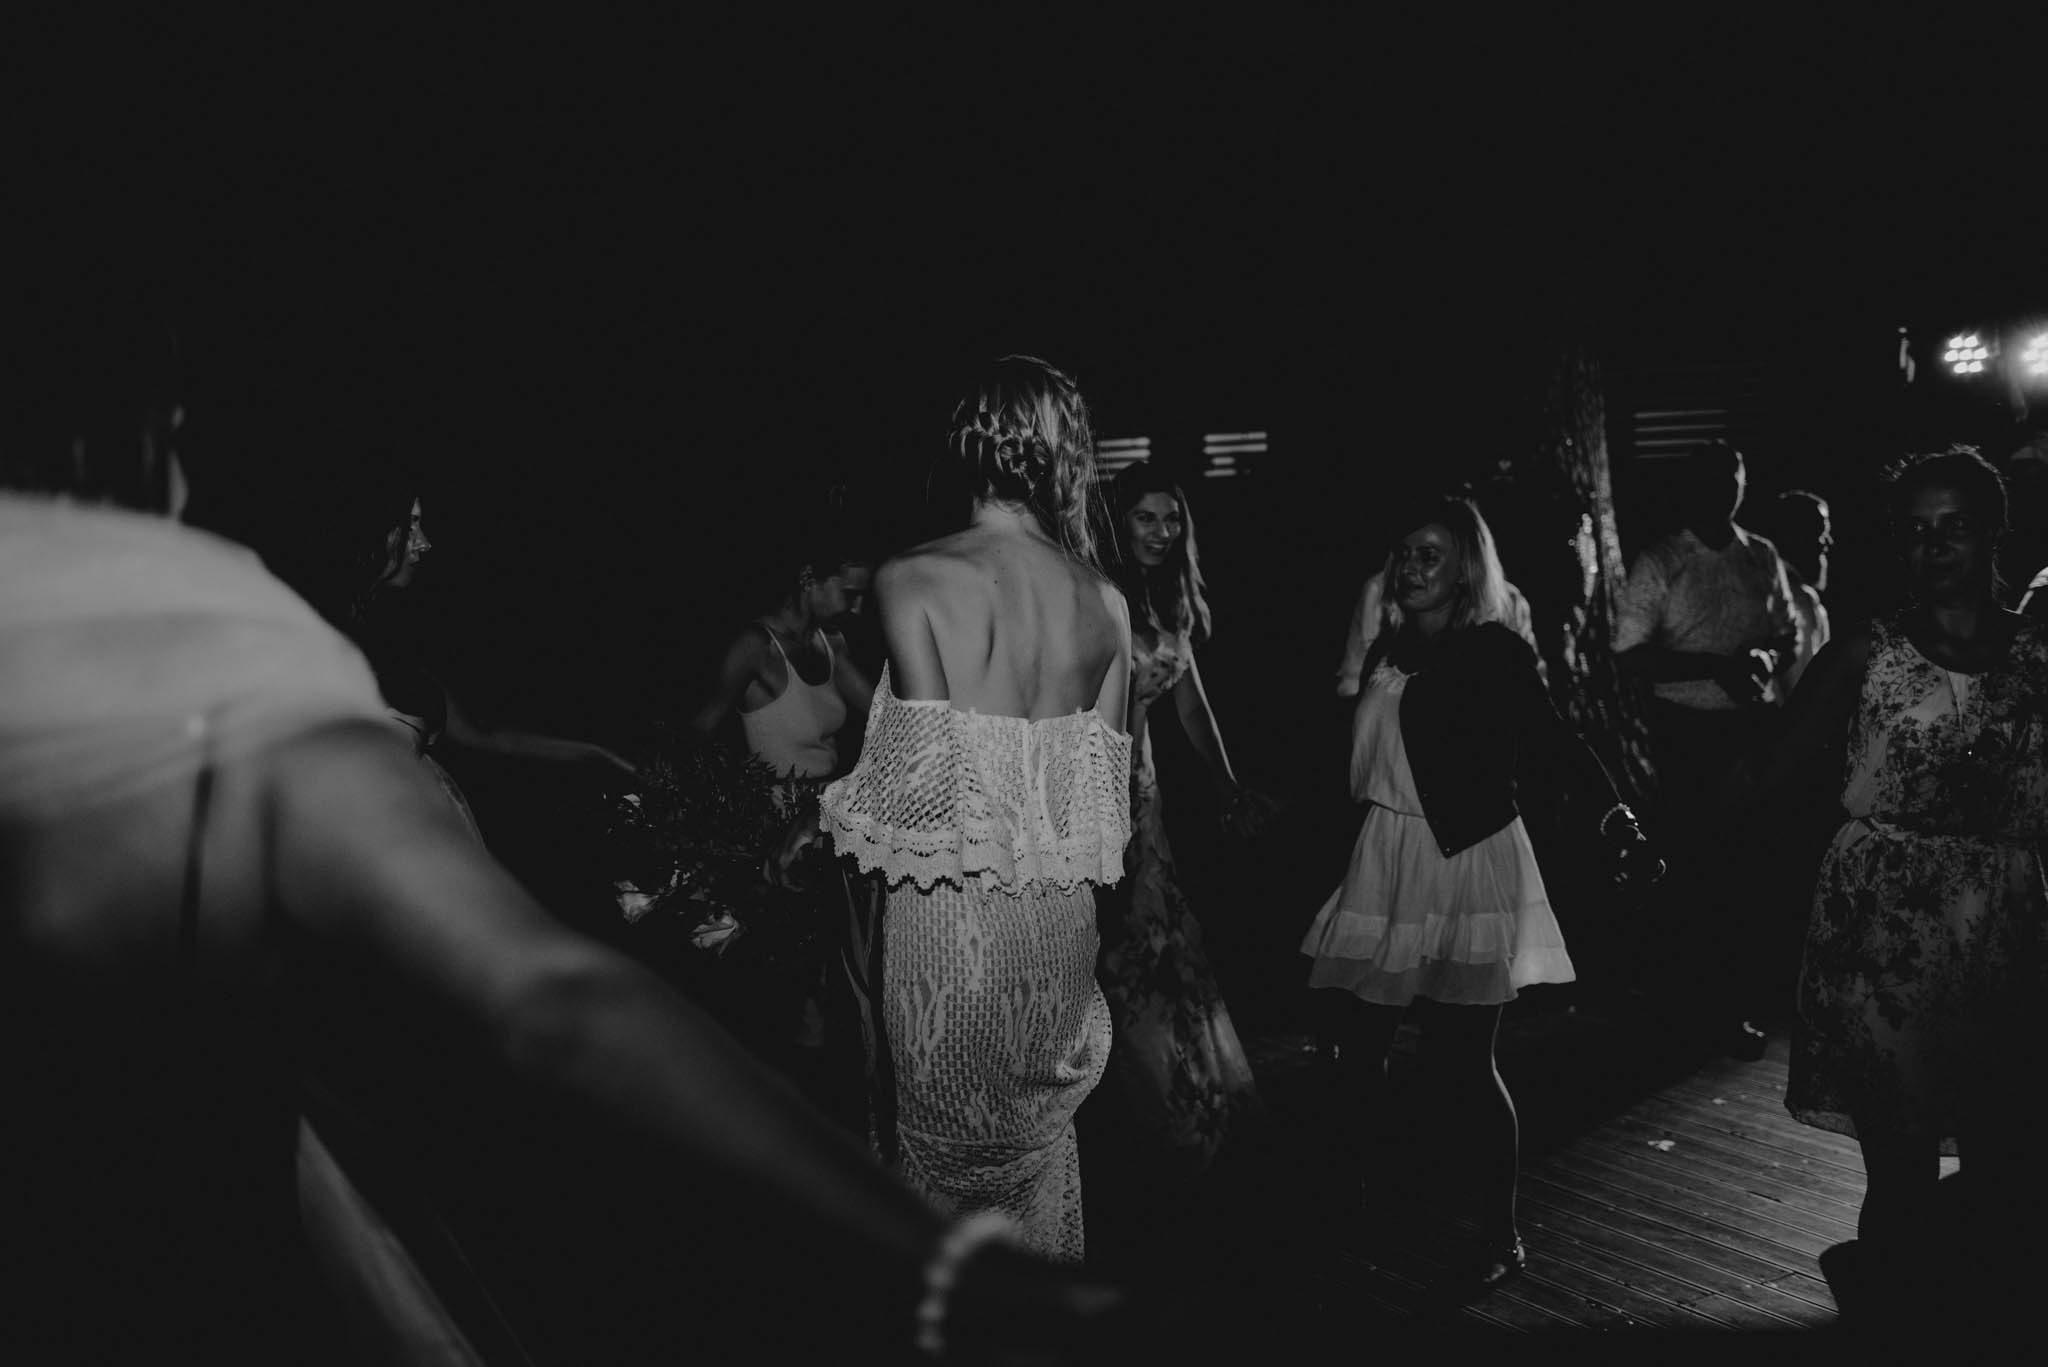 Weselnicy bawią się i tańczą - sesja ślubna na Wyspie Św. Edwarda Zaniemyśl